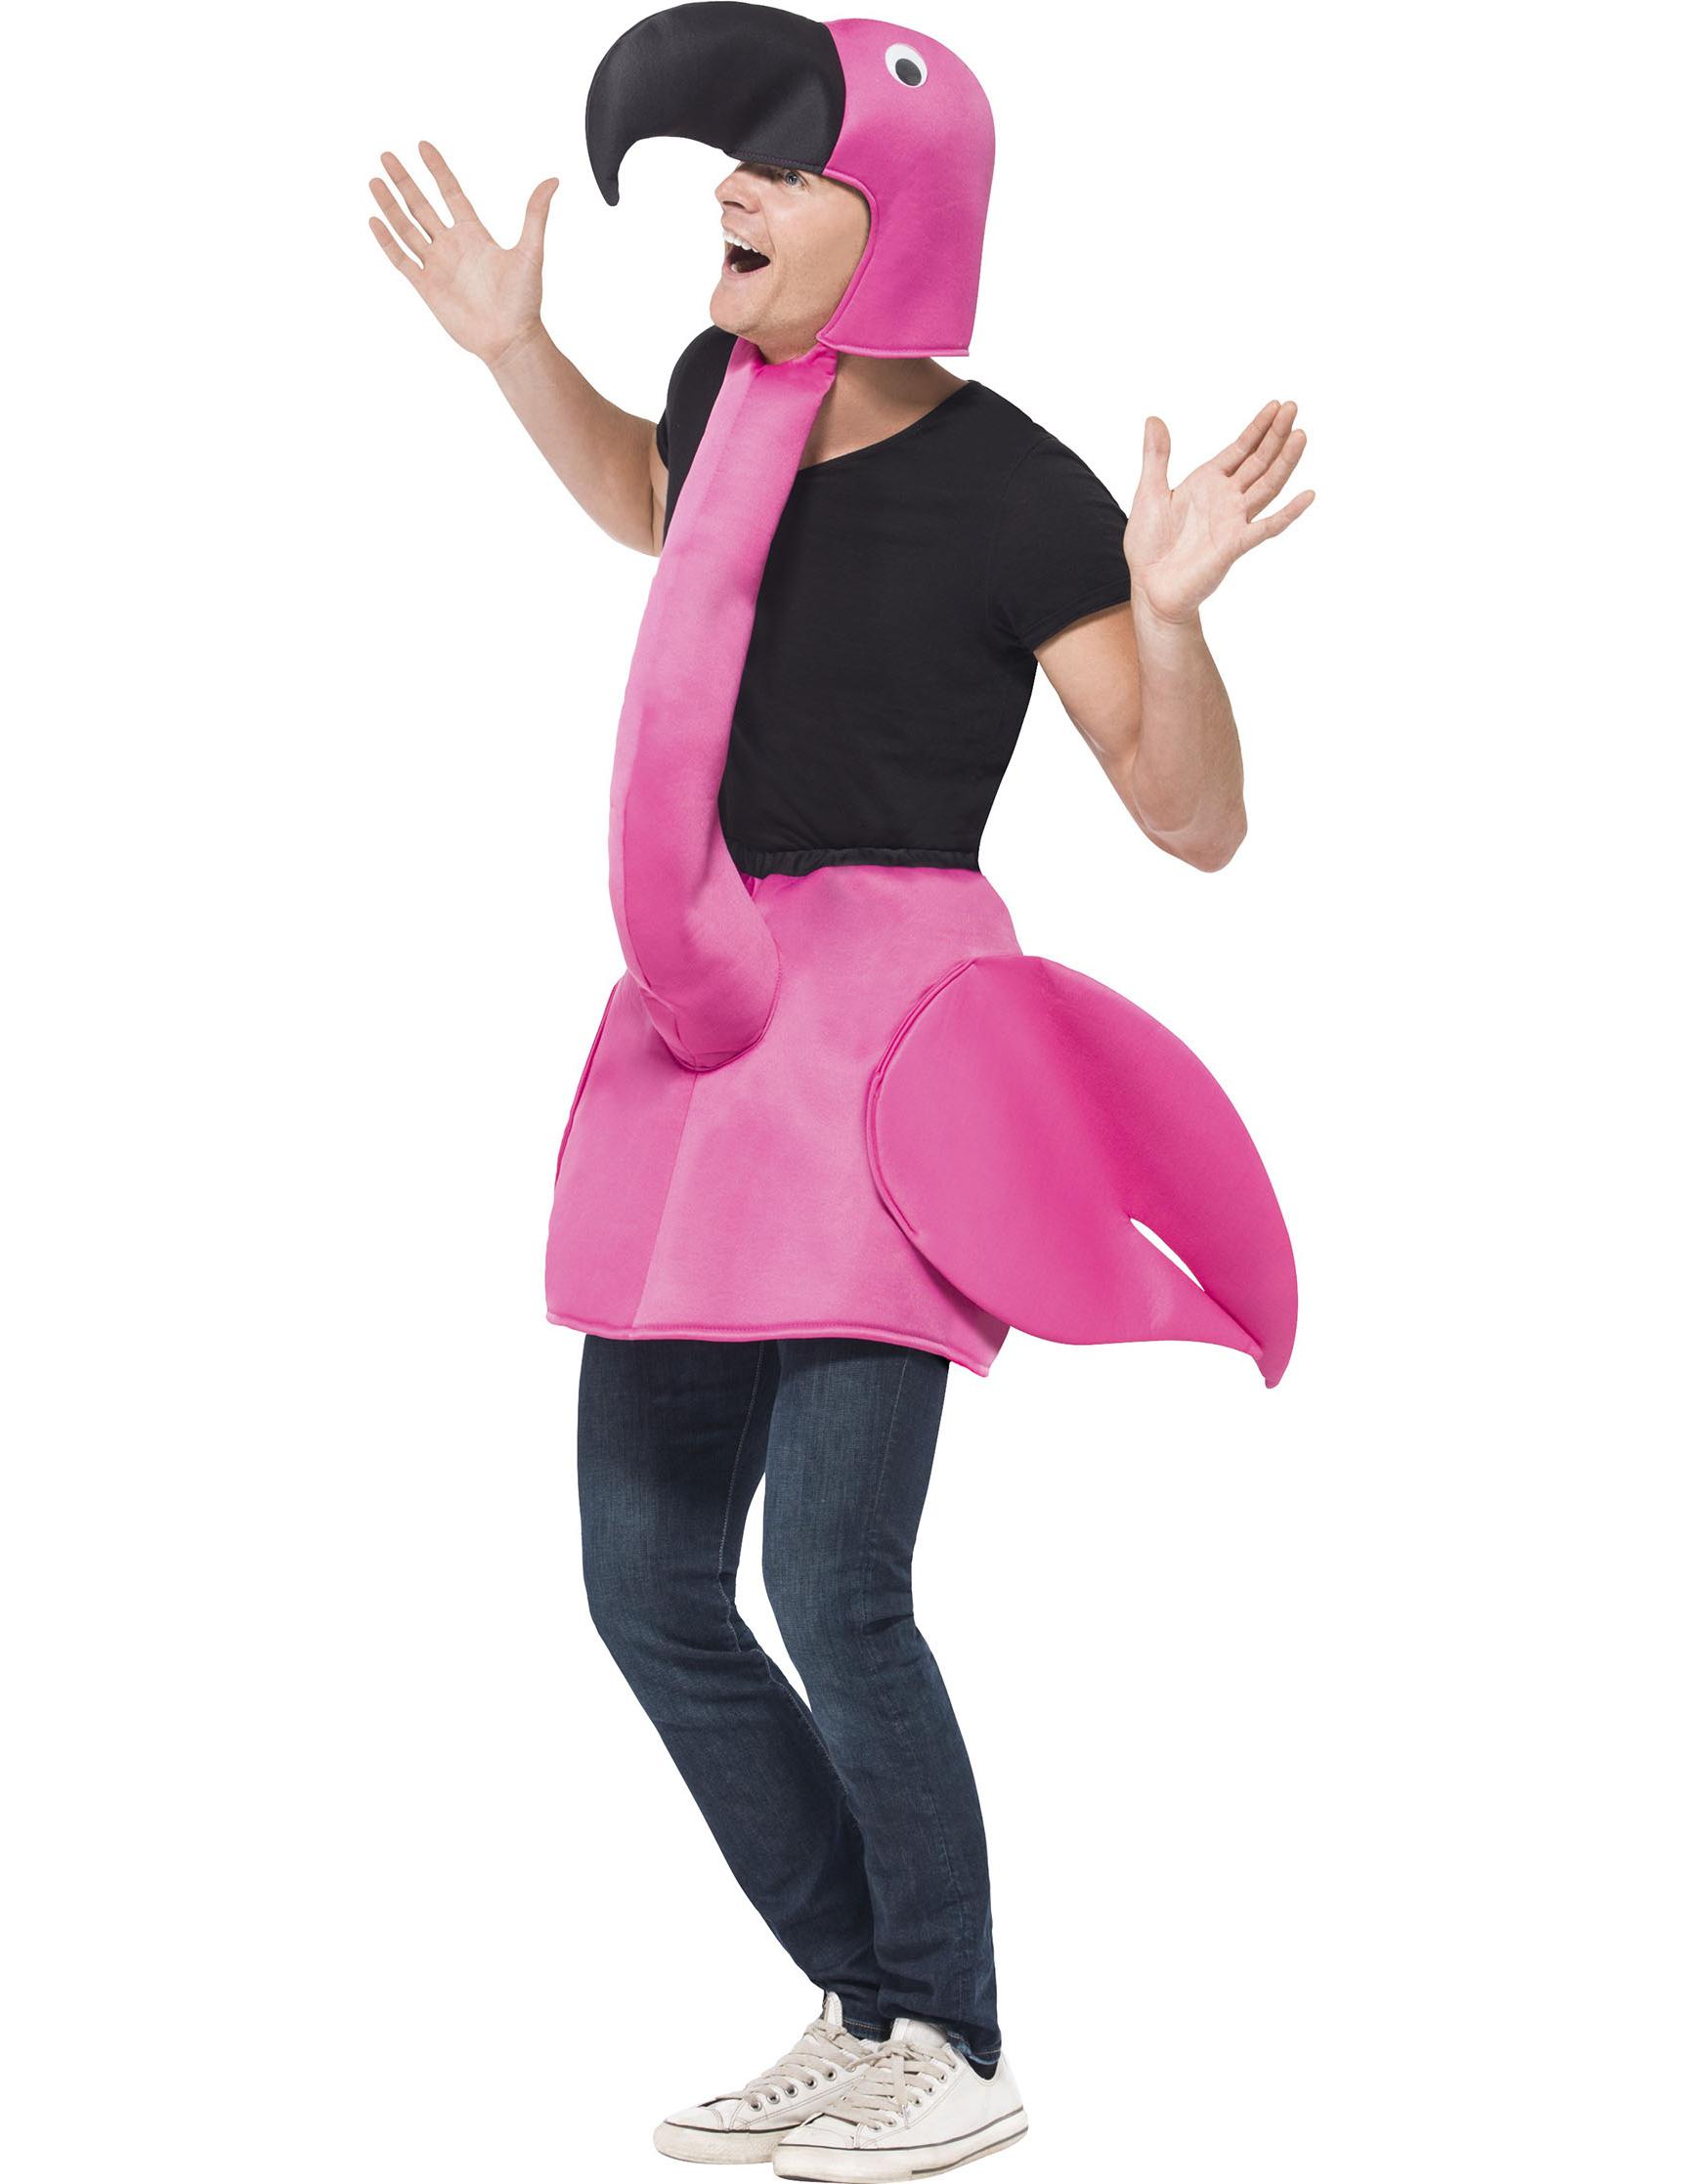 flamingo kost m f r erwachsene kost me f r erwachsene und. Black Bedroom Furniture Sets. Home Design Ideas